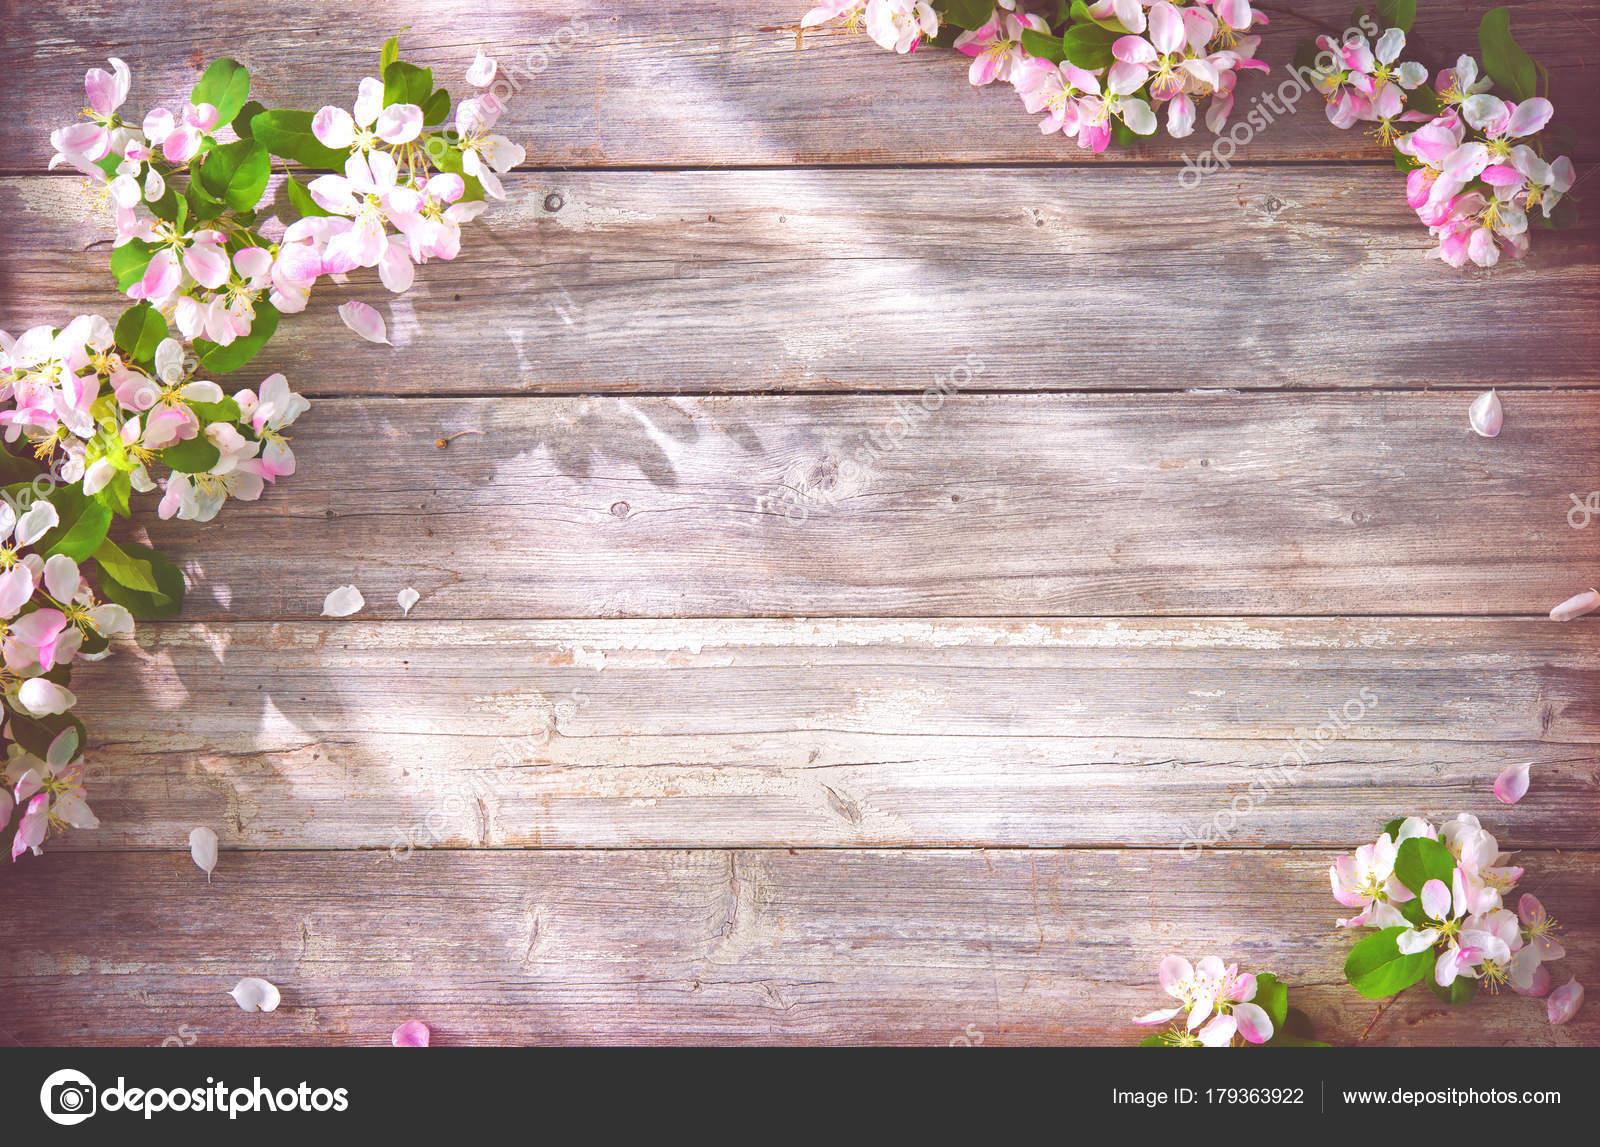 Primavera rami fioriti su fondo di legno foto stock - Rami decorativi legno ...